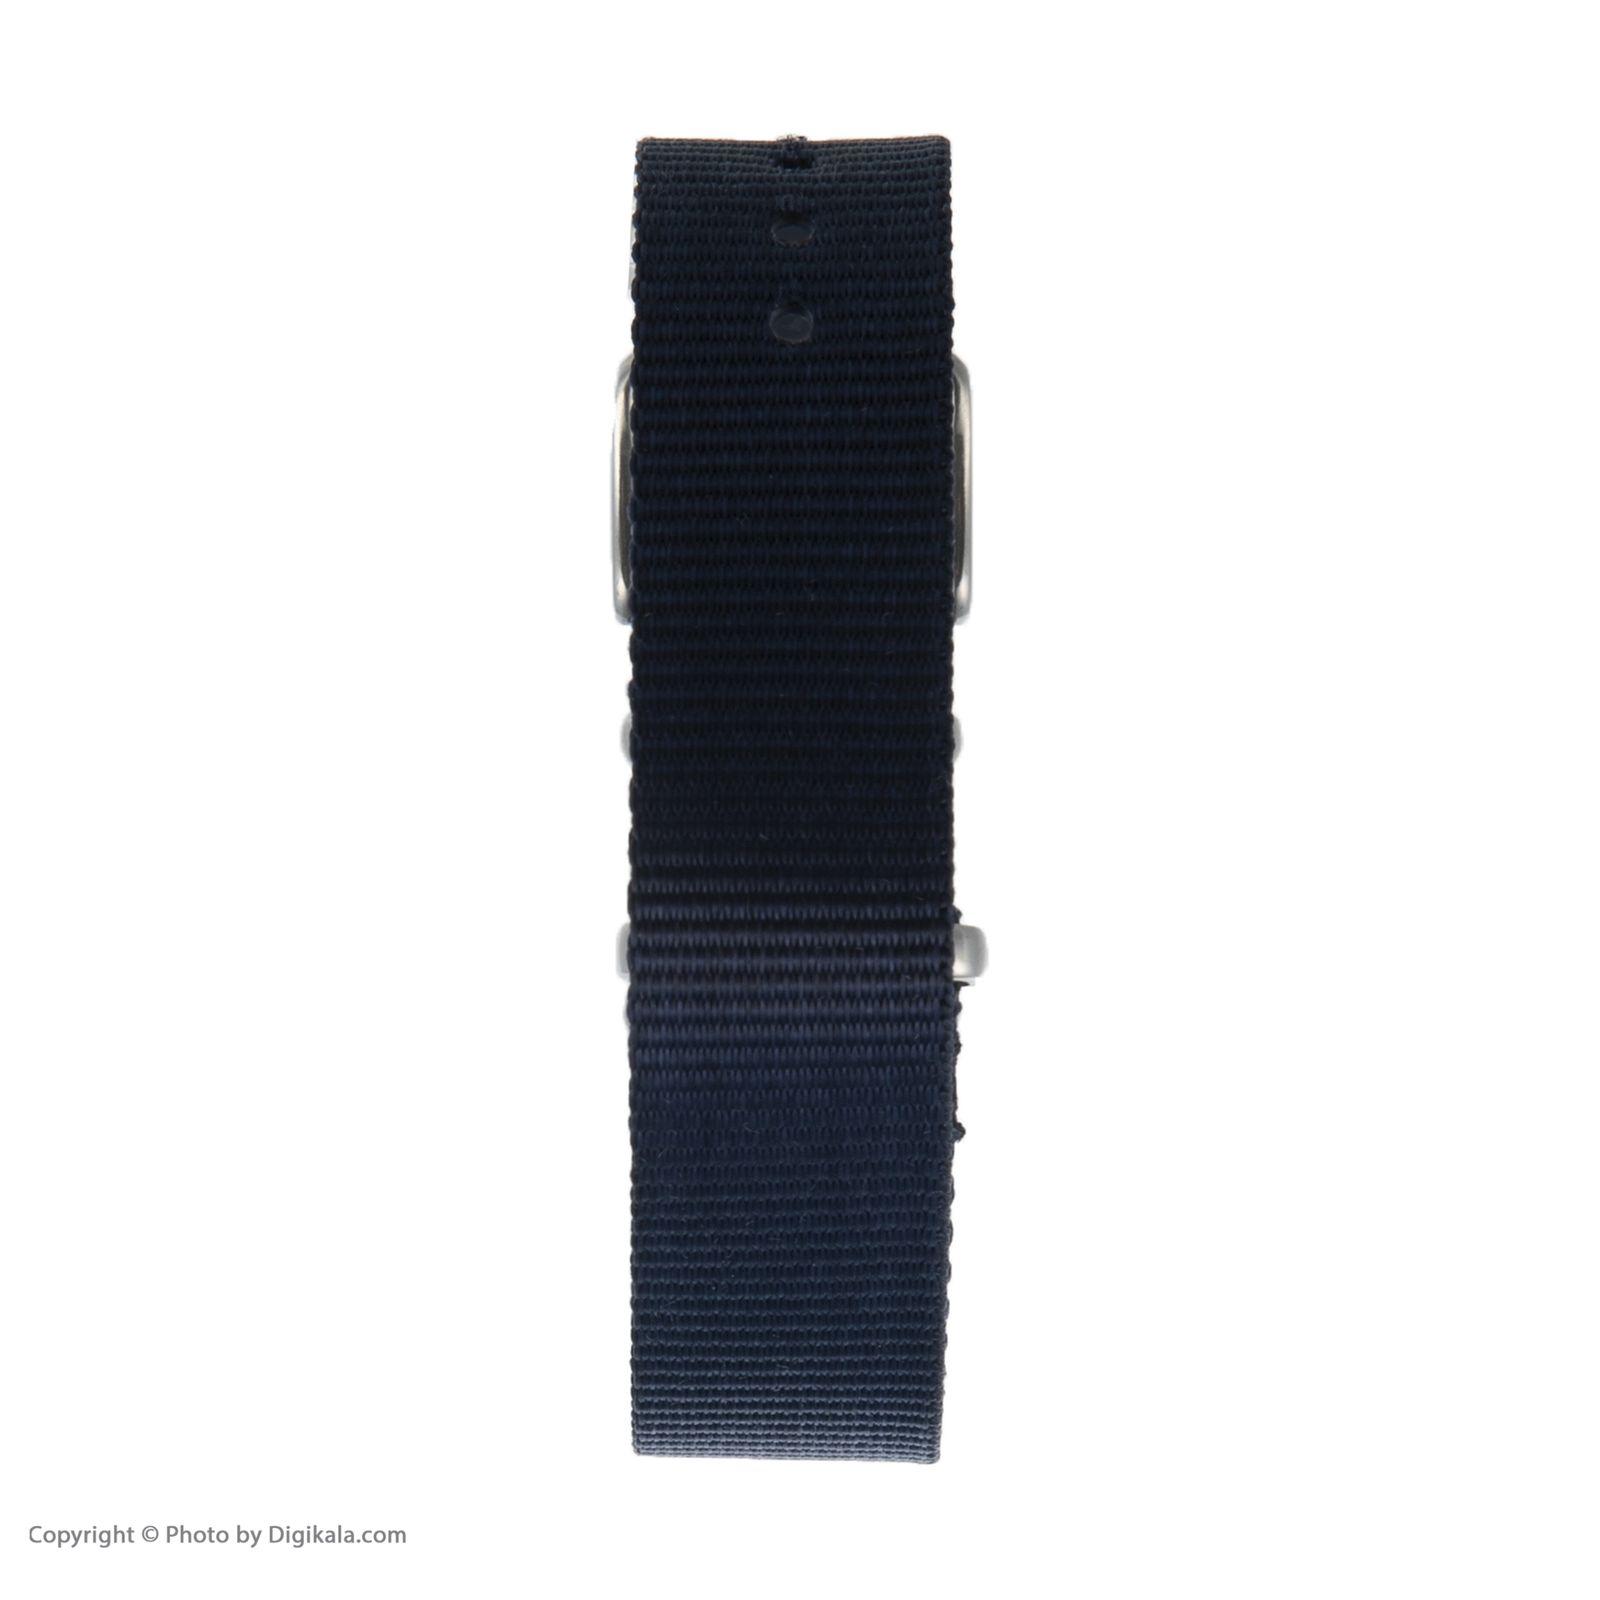 ساعت مچی عقربه ای مردانه سرجیو تاچینی مدل ST.9.119.05 -  - 4